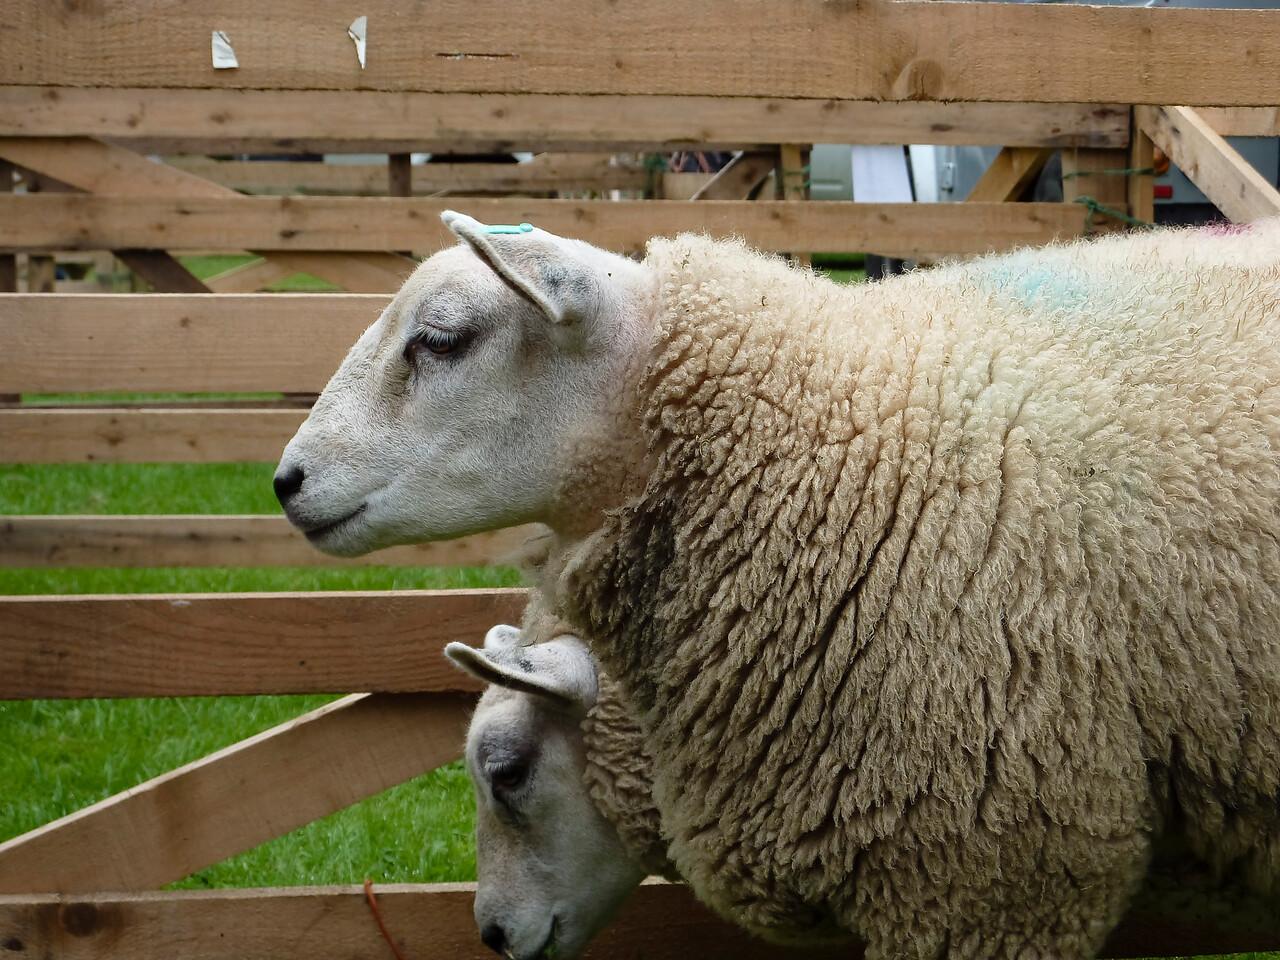 Sheep at Bingley Show 2010